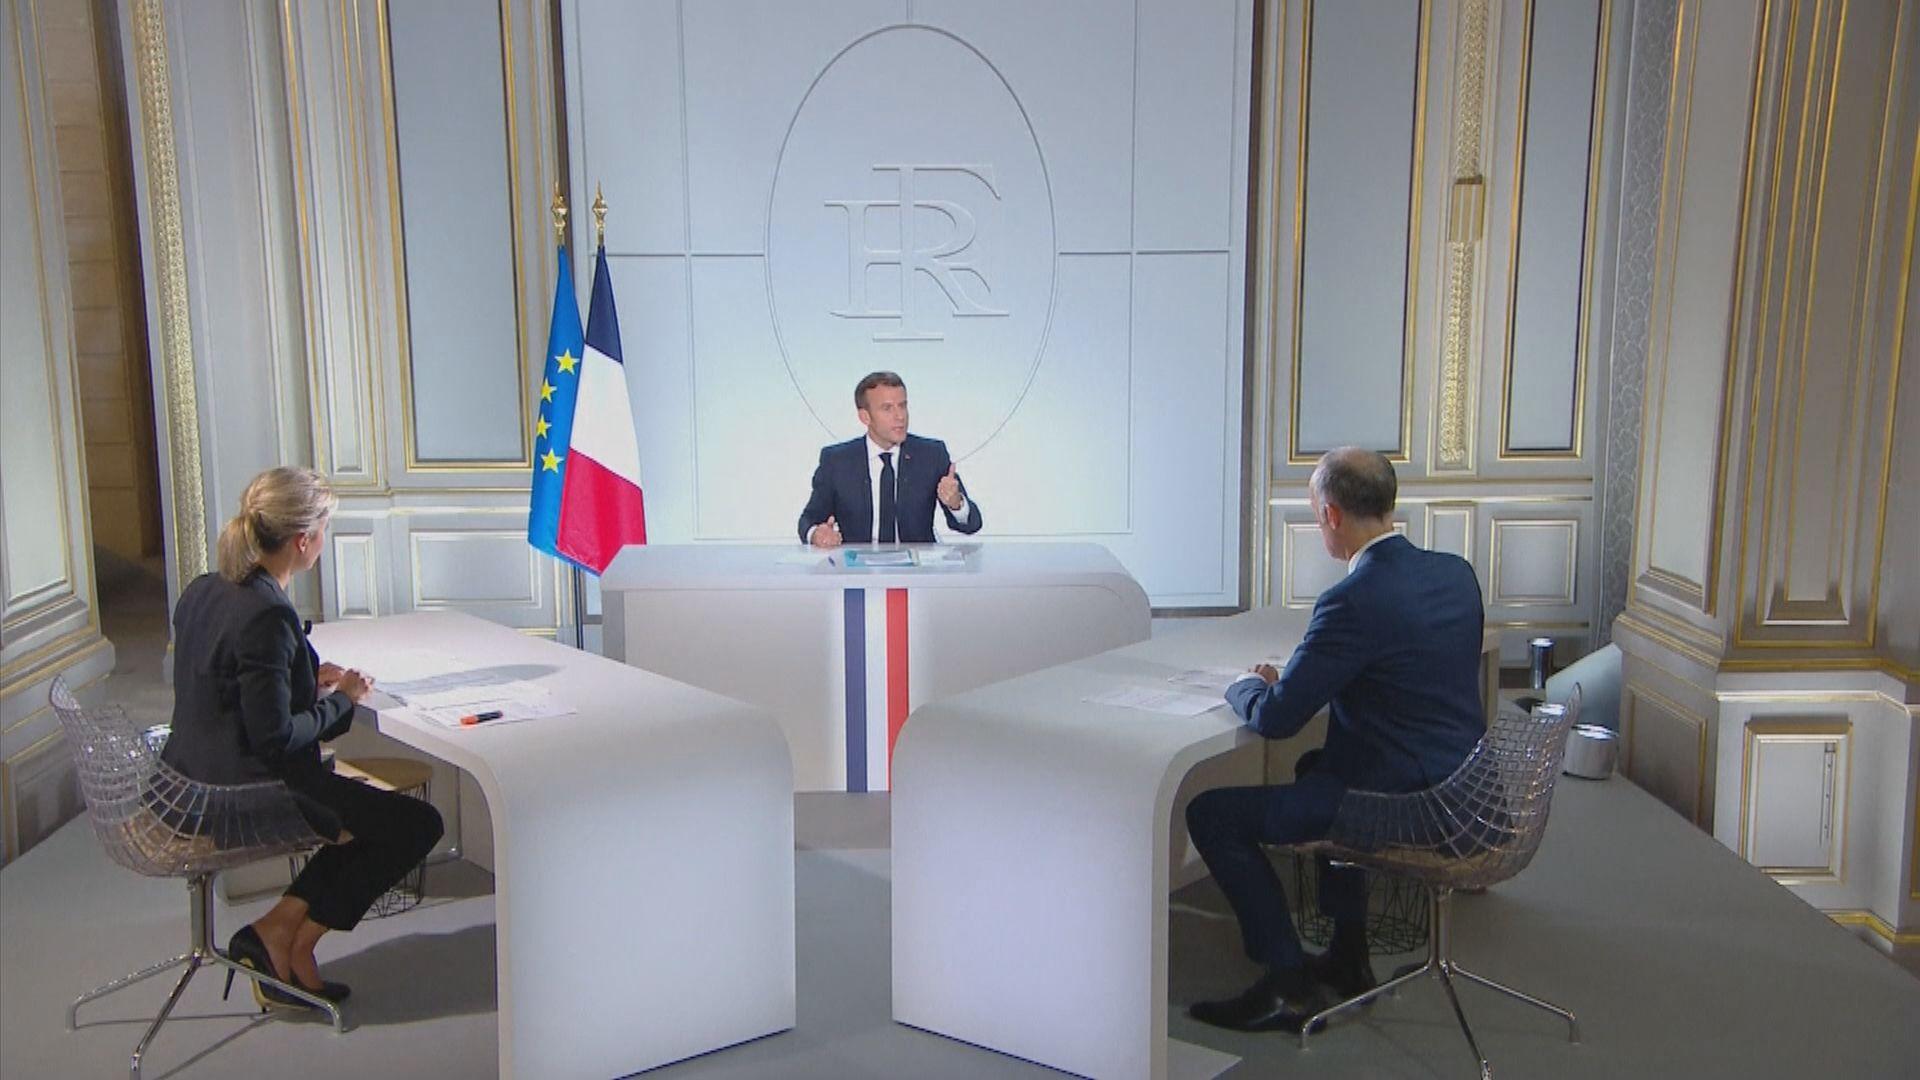 【歐洲疫情惡化】法國全國再進入緊急狀態 巴黎等九大城市周末起宵禁